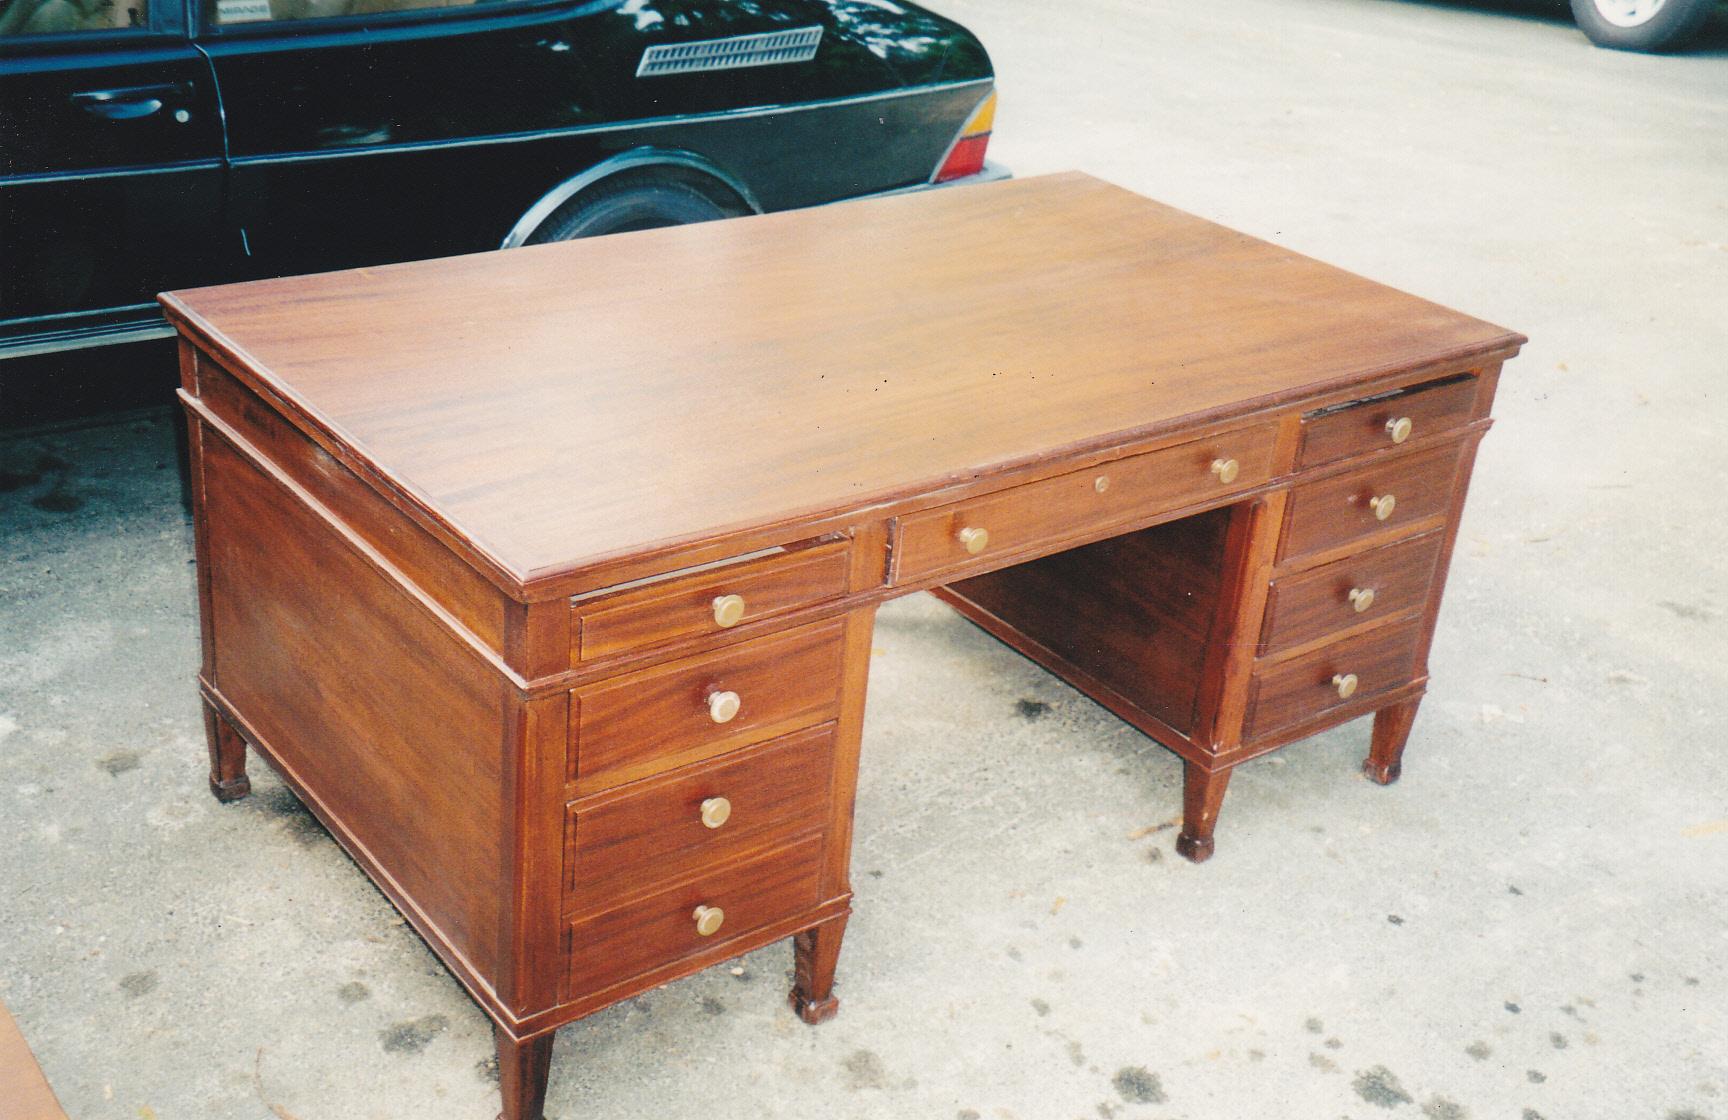 Desk Before Restoration · Desk After Restoration